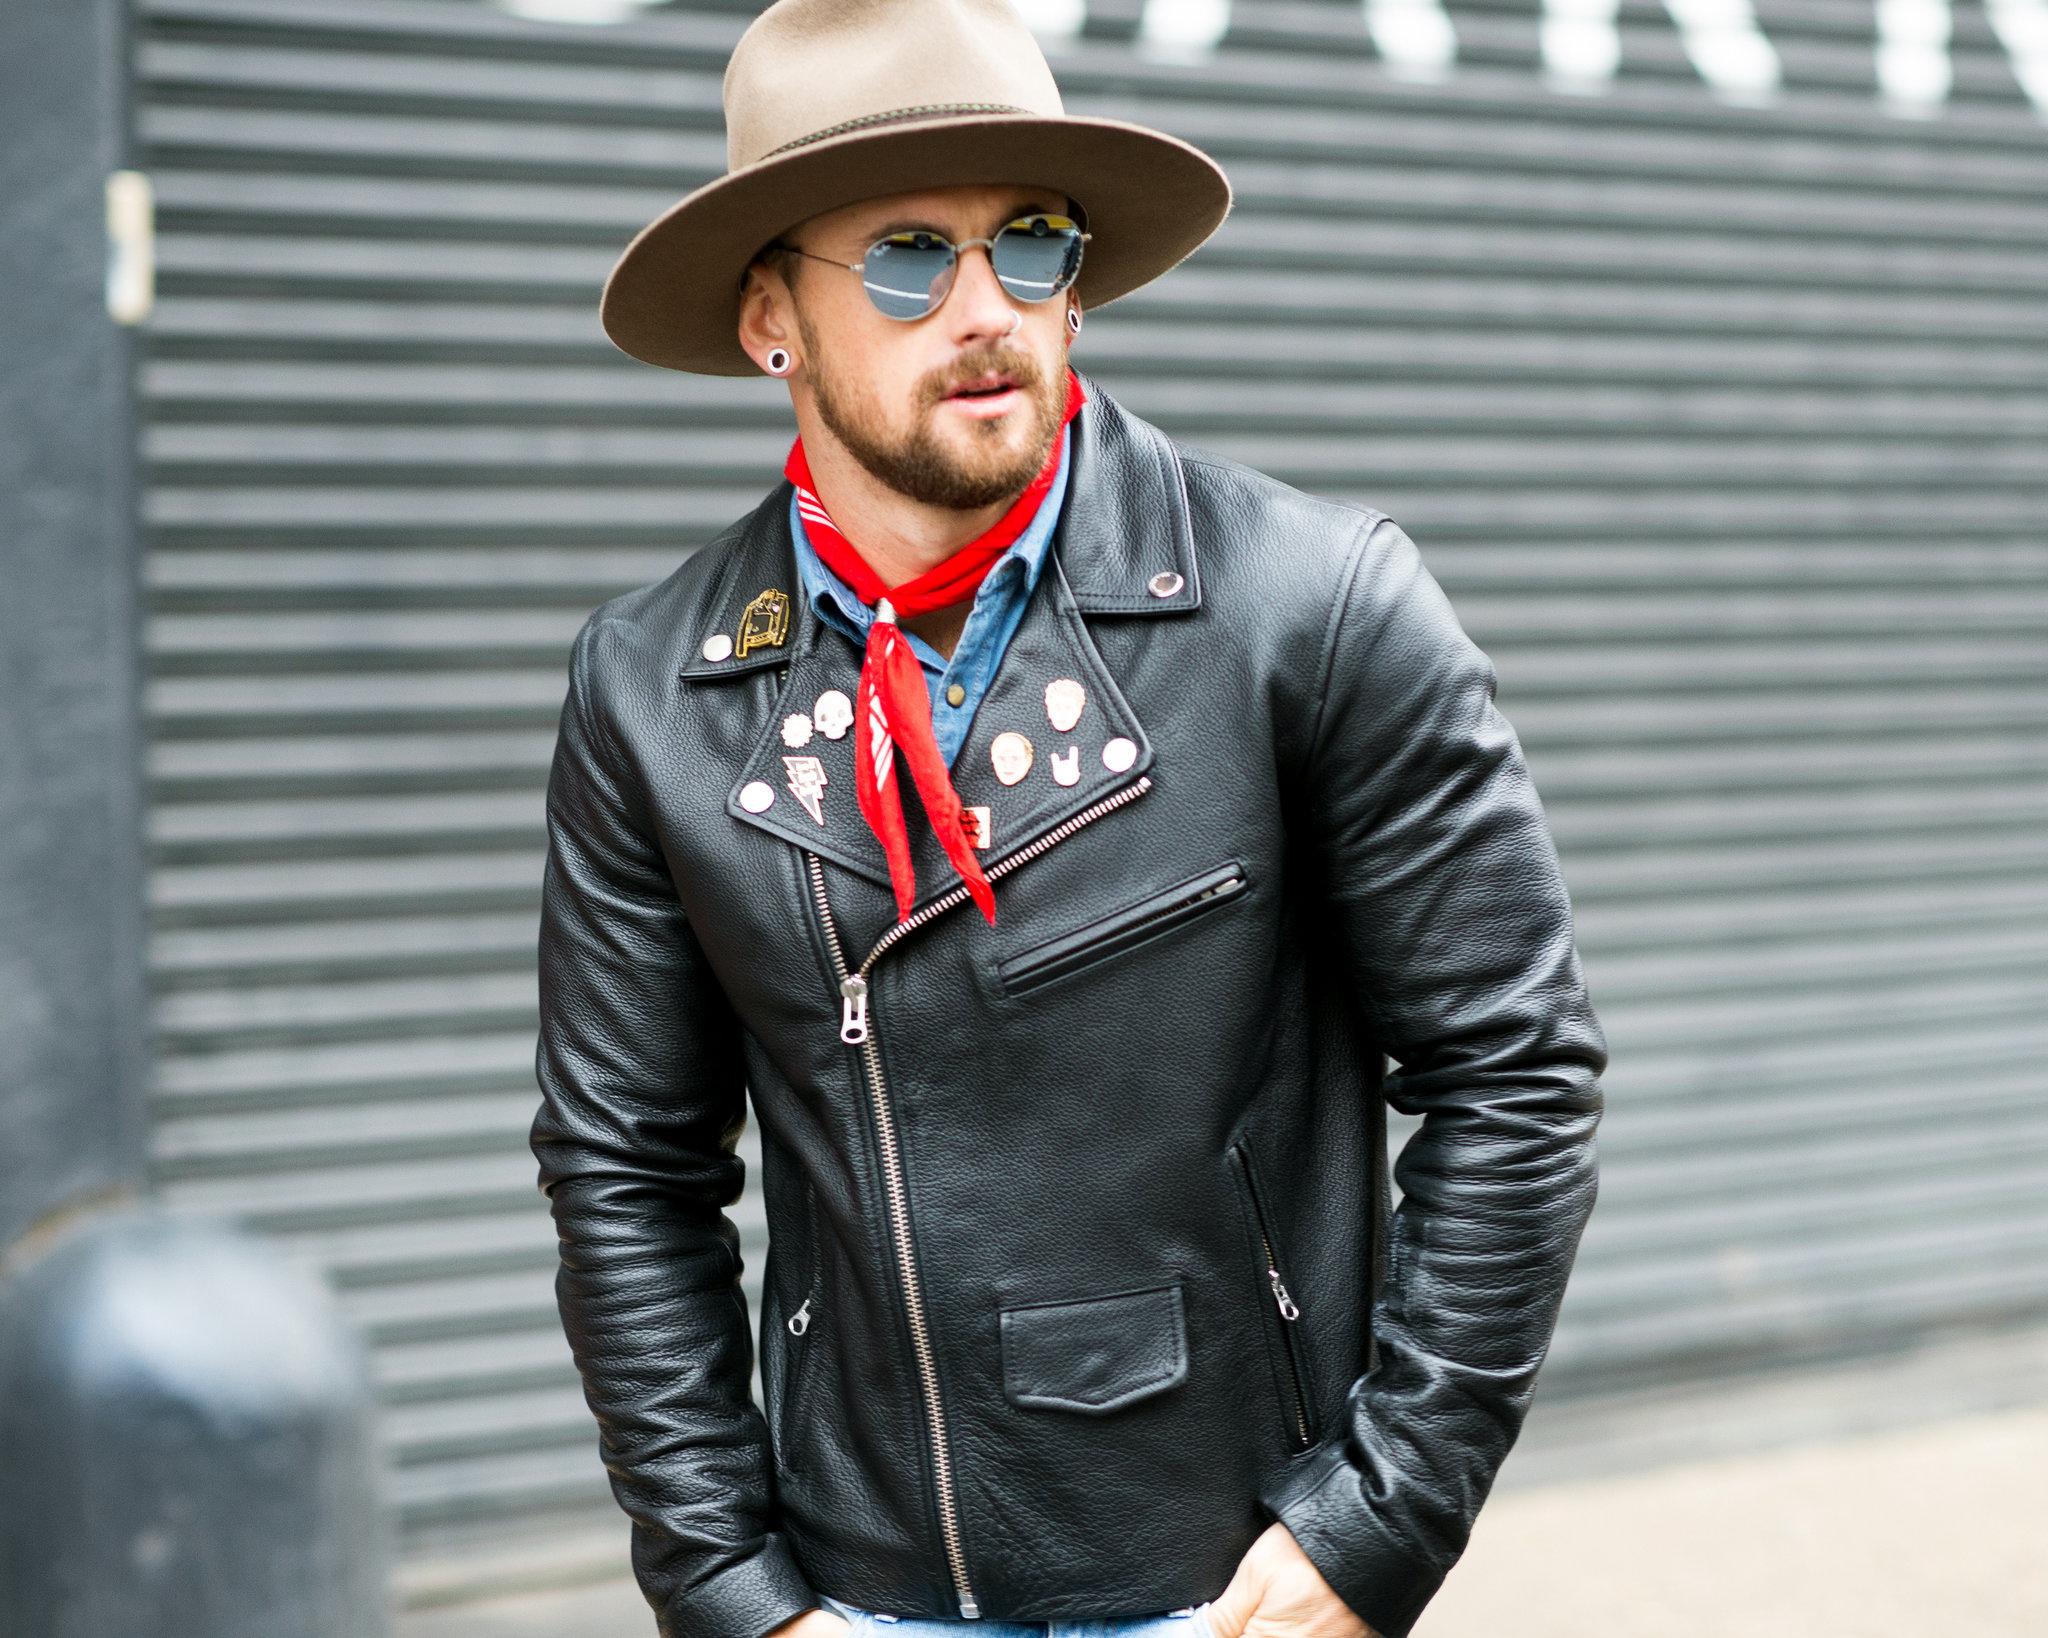 Młody mężczyzna w skórzanej kurtce, kapeluszu i okularach